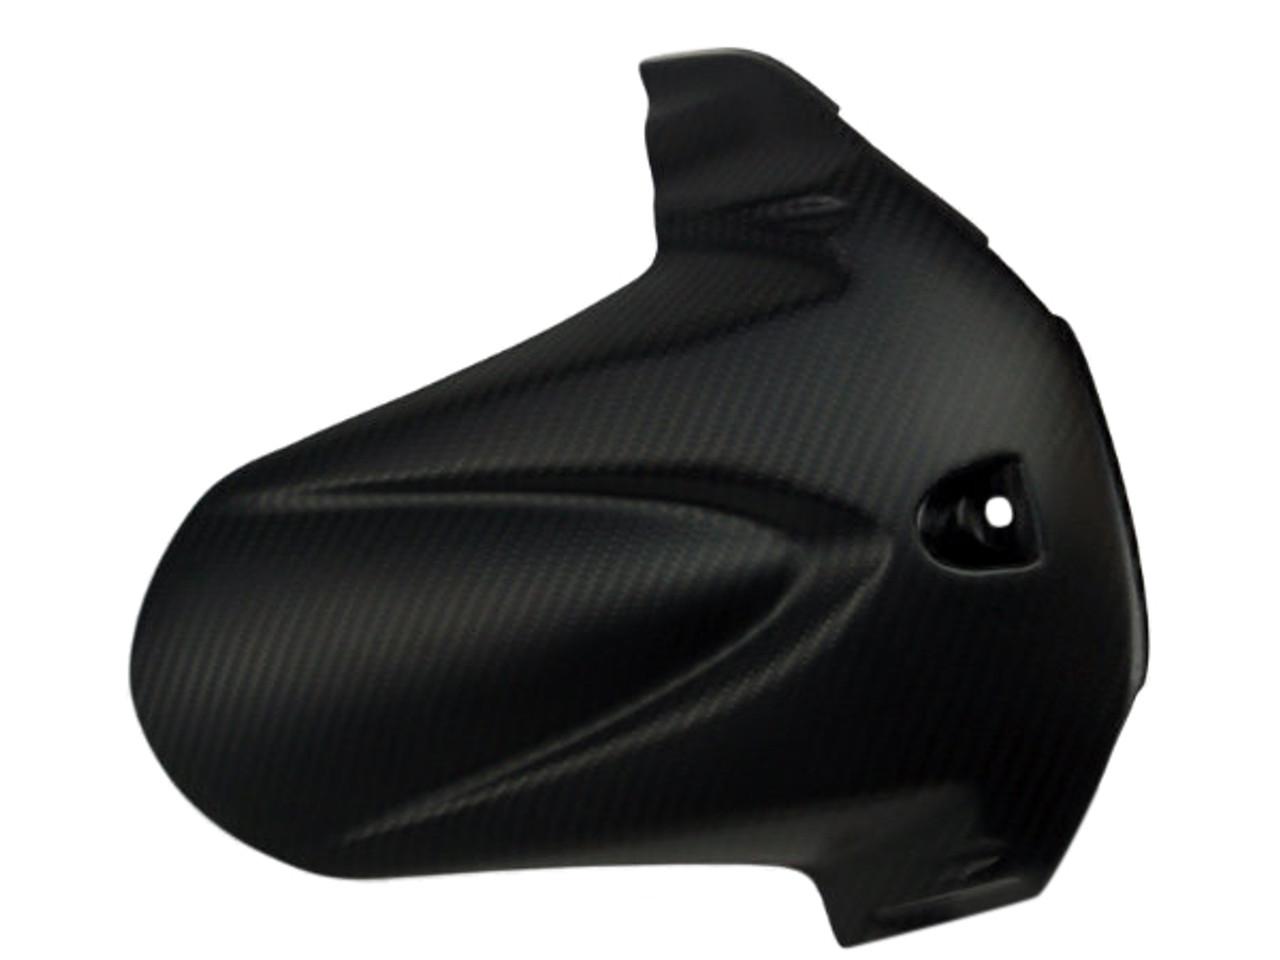 Rear Hugger  for Suzuki GSXR 600, GSXR 750 2011-2019 in Glossy Twill Weave Carbon Fiber